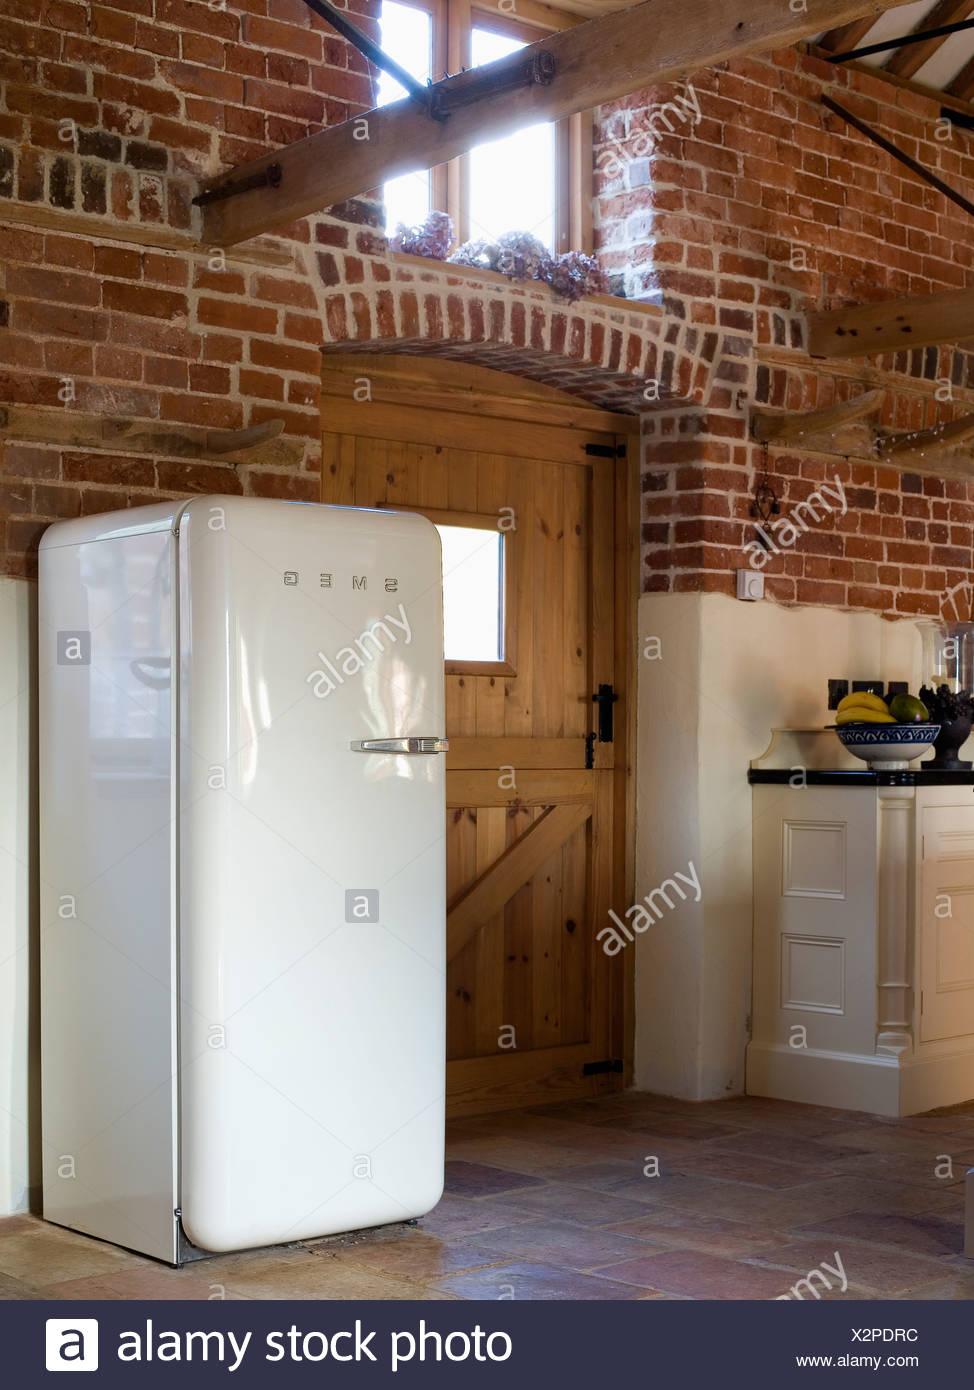 Bianco grande frigorifero Smeg nella conversione del granaio ...